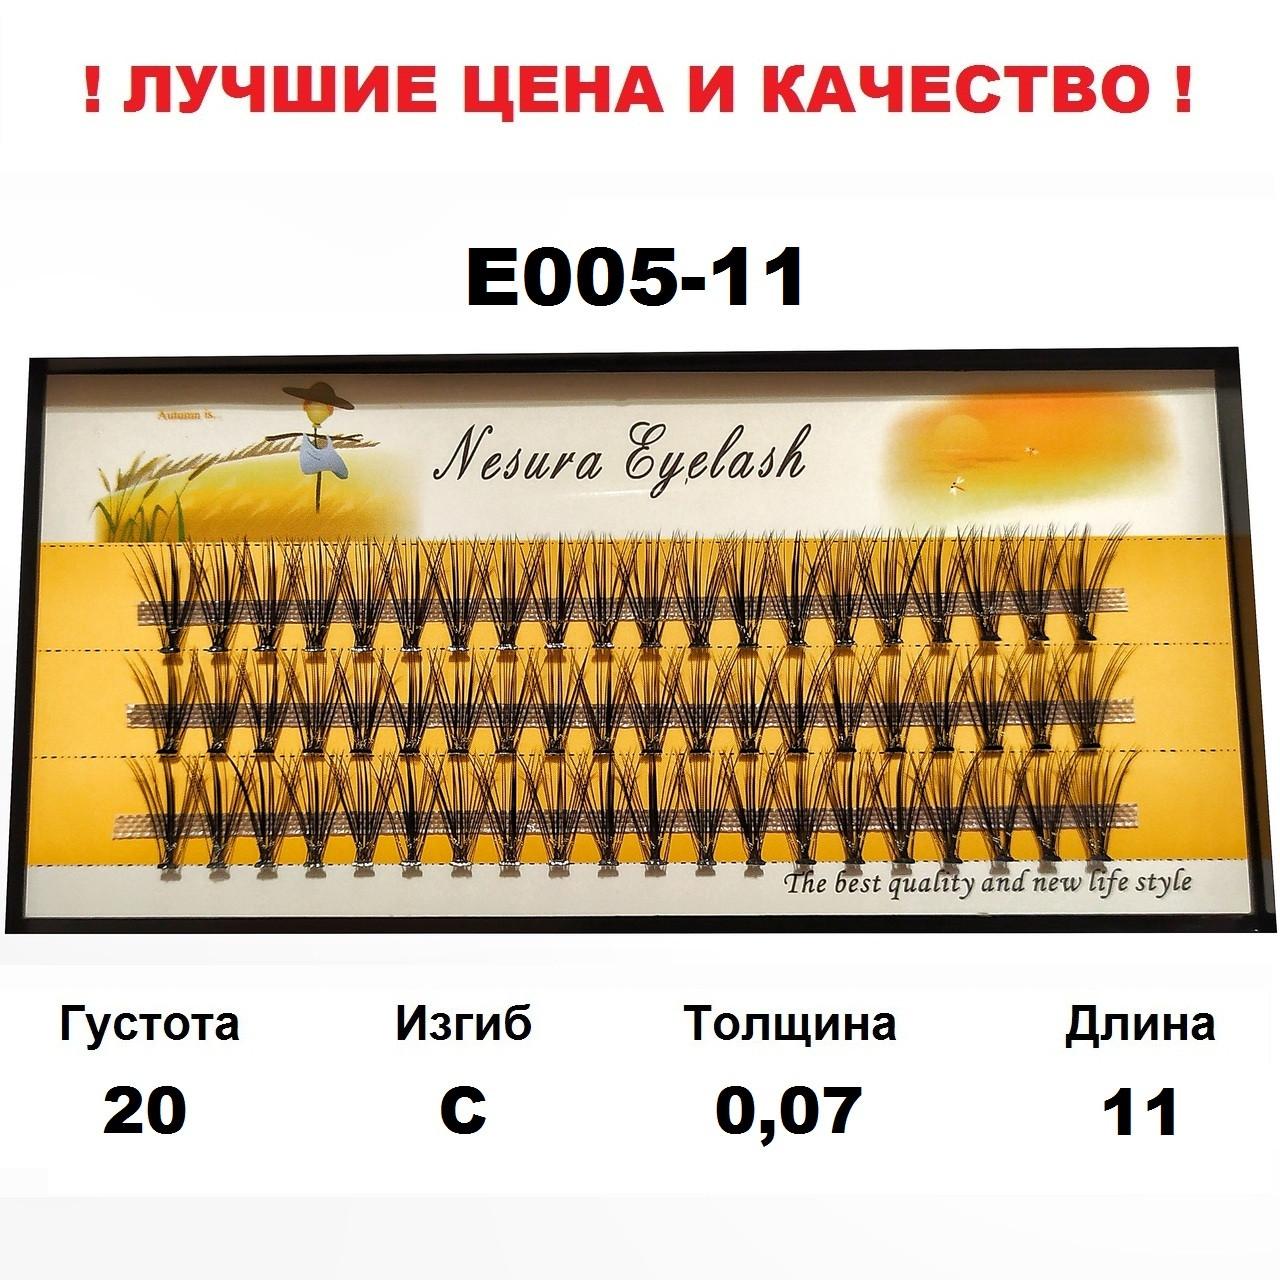 Ресницы Nesura 20D, 8-14 мм, изгиб С, 0,07, 60 пучков 11